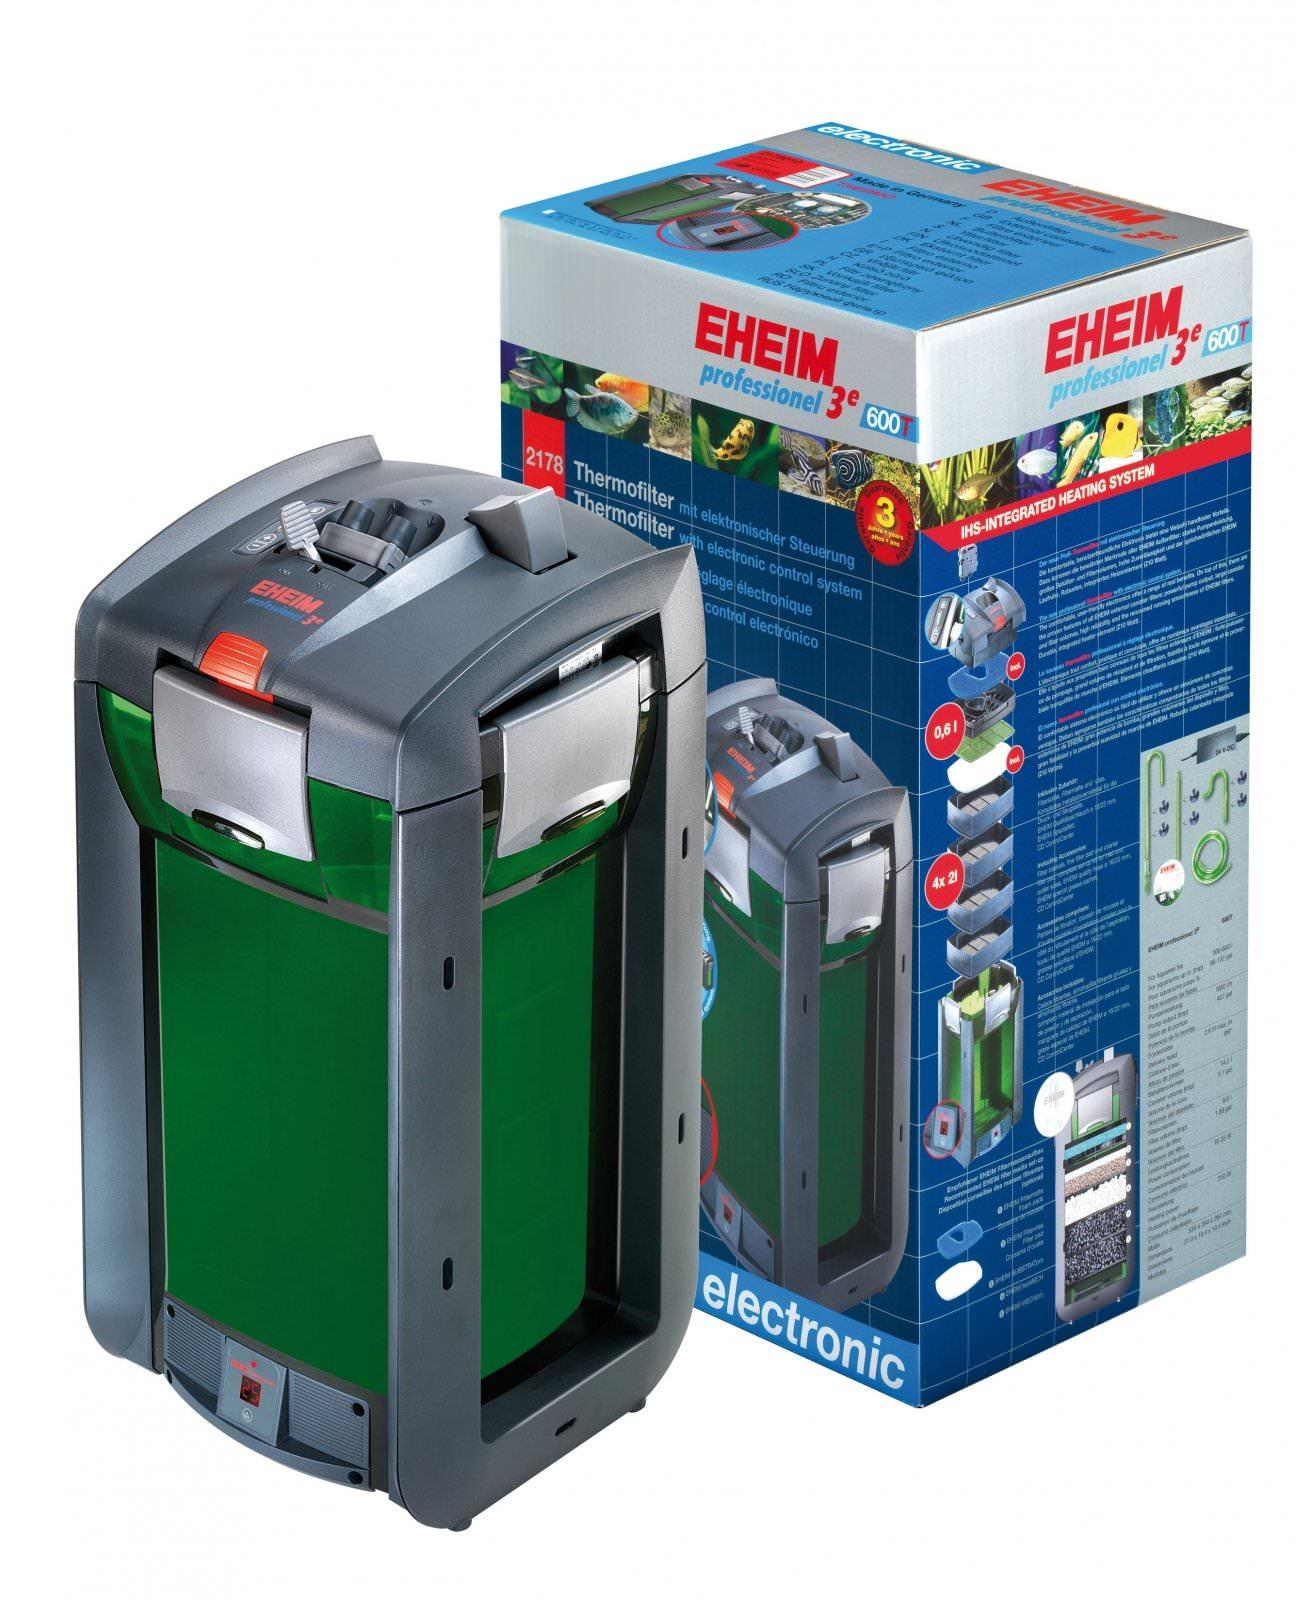 EHEIM 2178 Professionel 3e 600T filtre externe électronique avec chauffage intégré pour aquarium jusqu\'à 600L